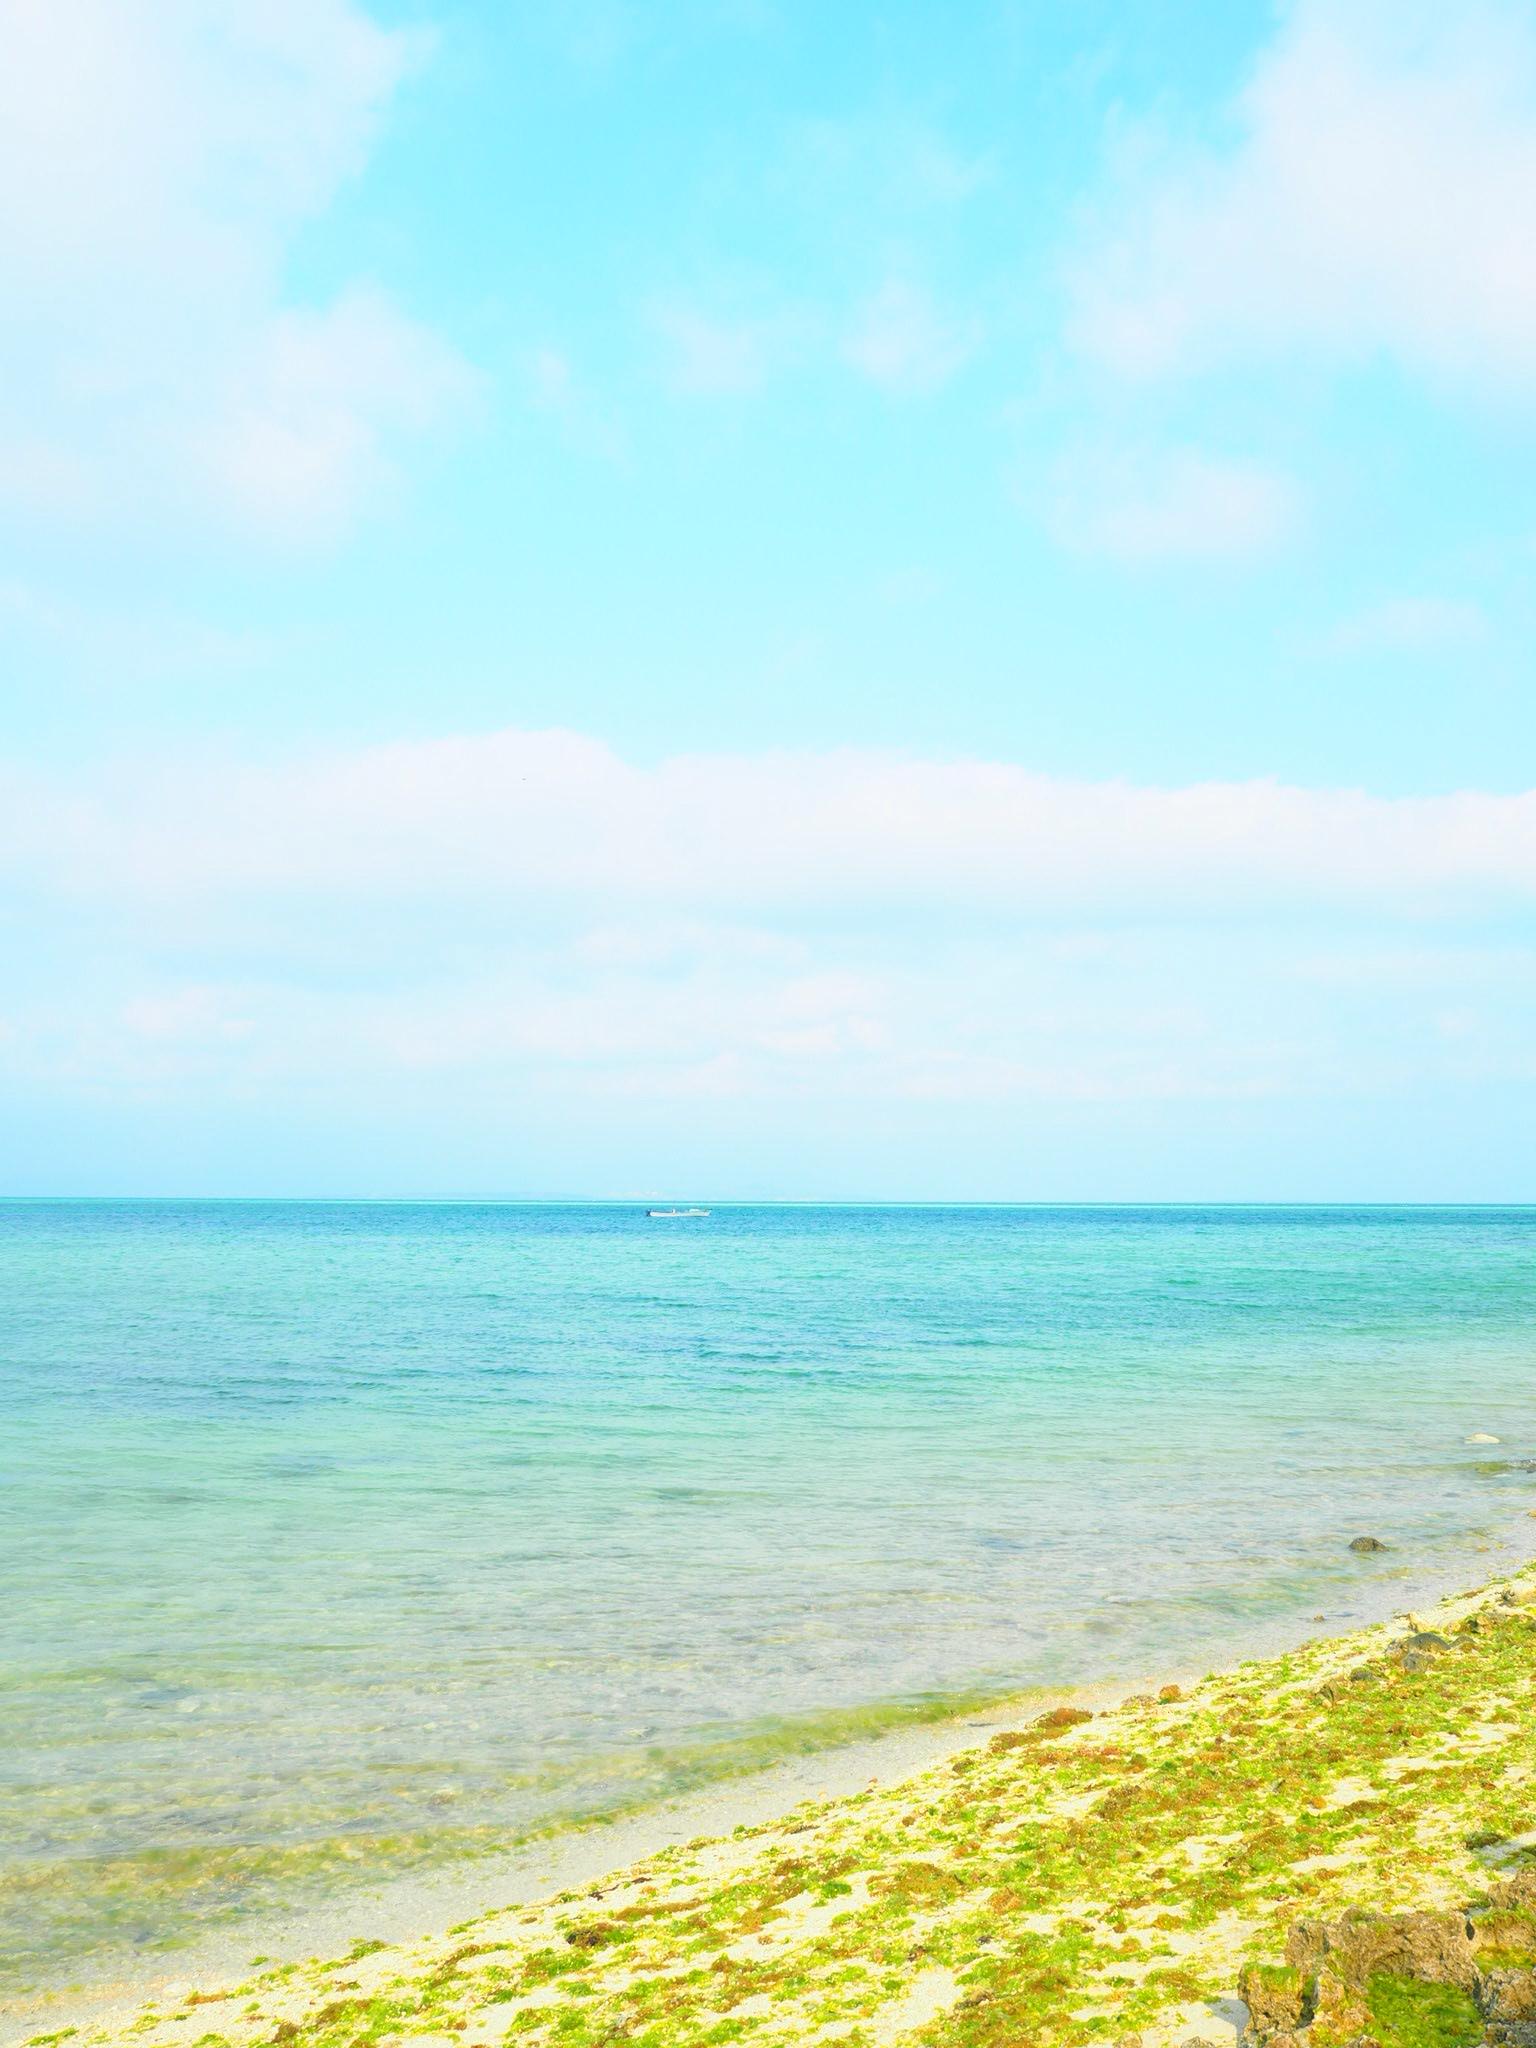 石垣島からフェリーで10分!竹富島を自転車で旅してみた